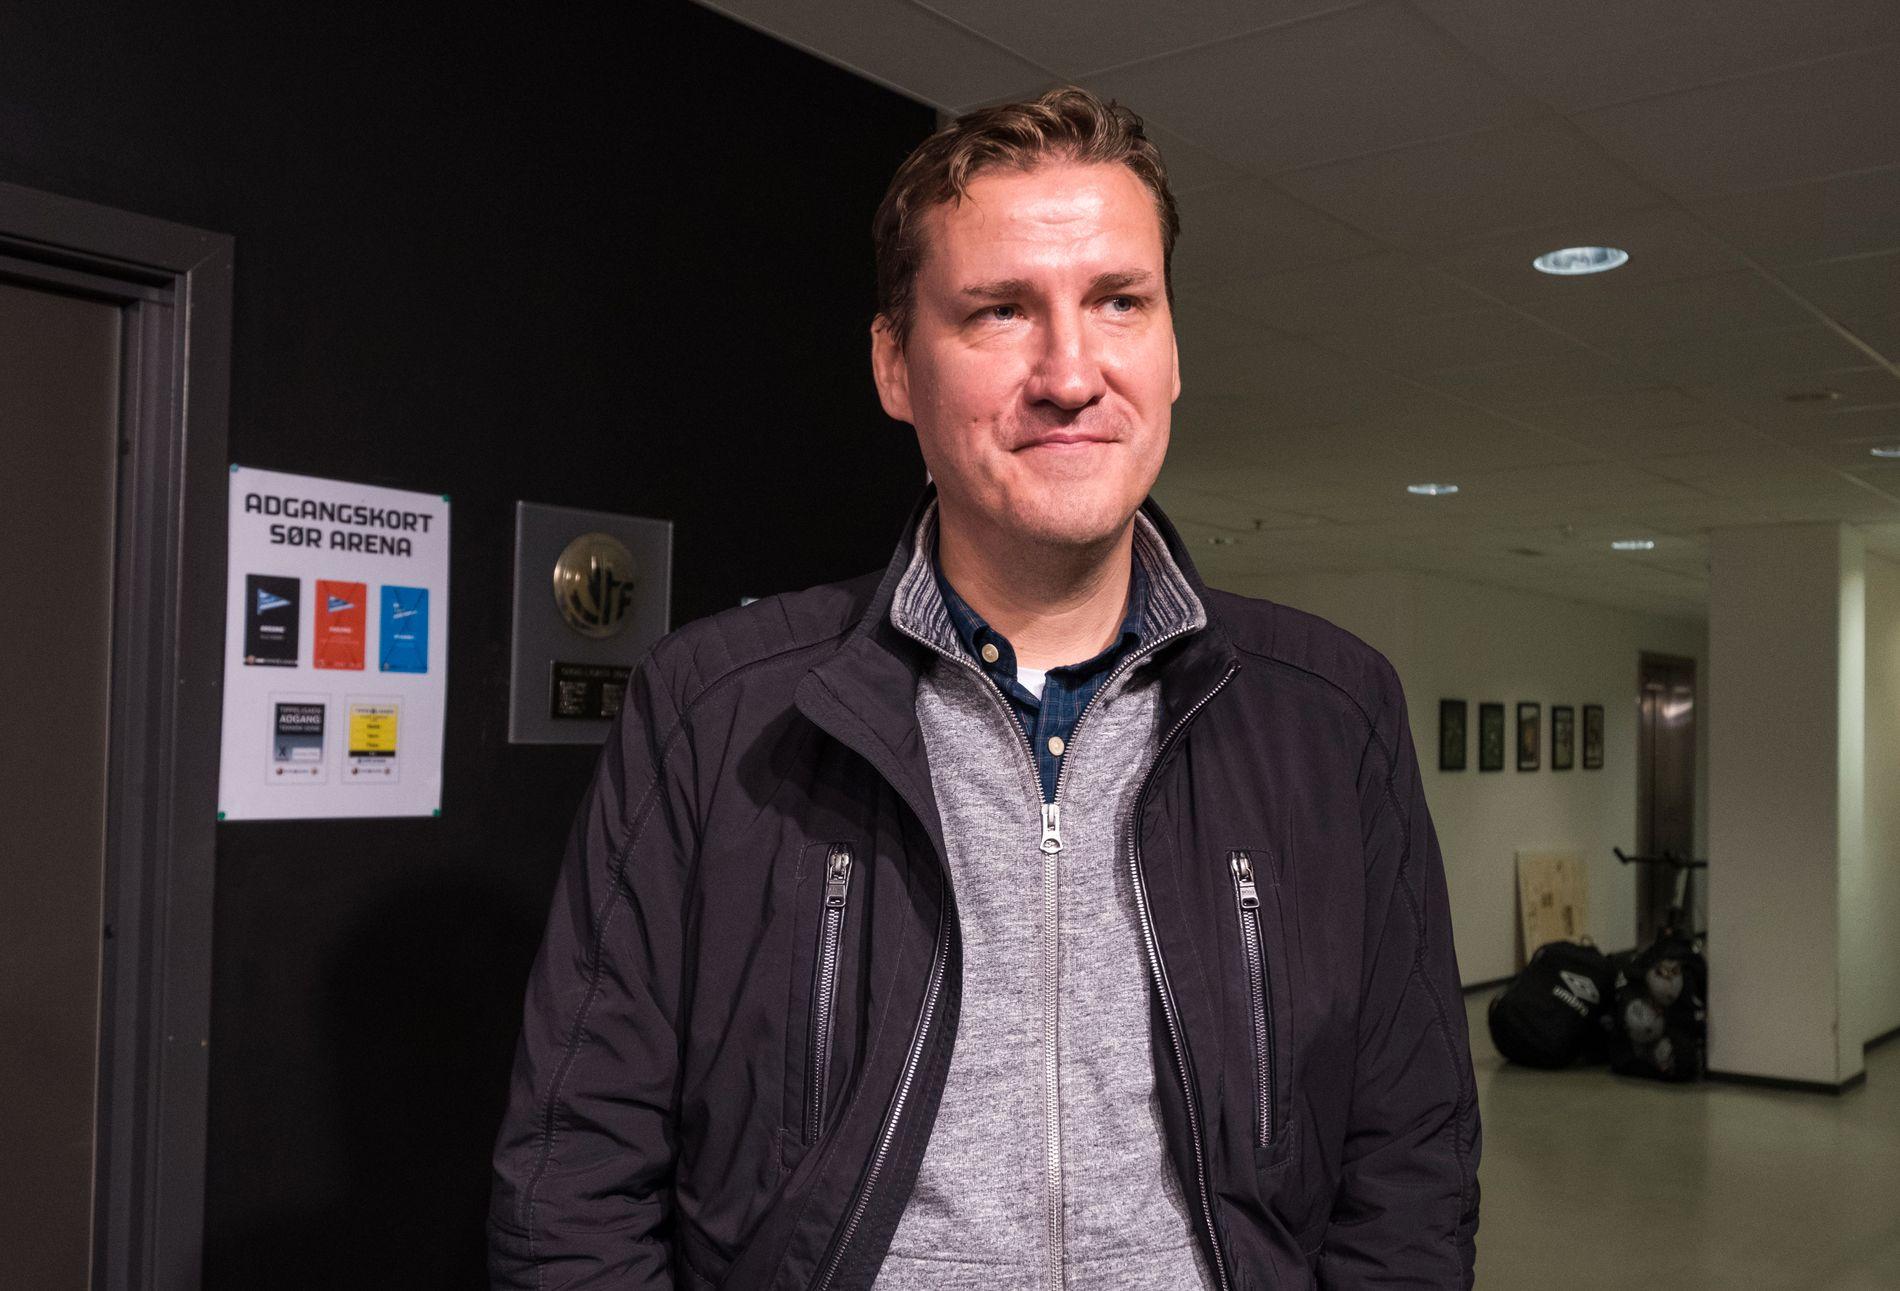 EUROPA-INSPIRERT: Under Tor-Kristian Karlsens ledelse ønsker Start å utvikle unge spillere – fra inn- og utland – og selge dem videre med fortjeneste.